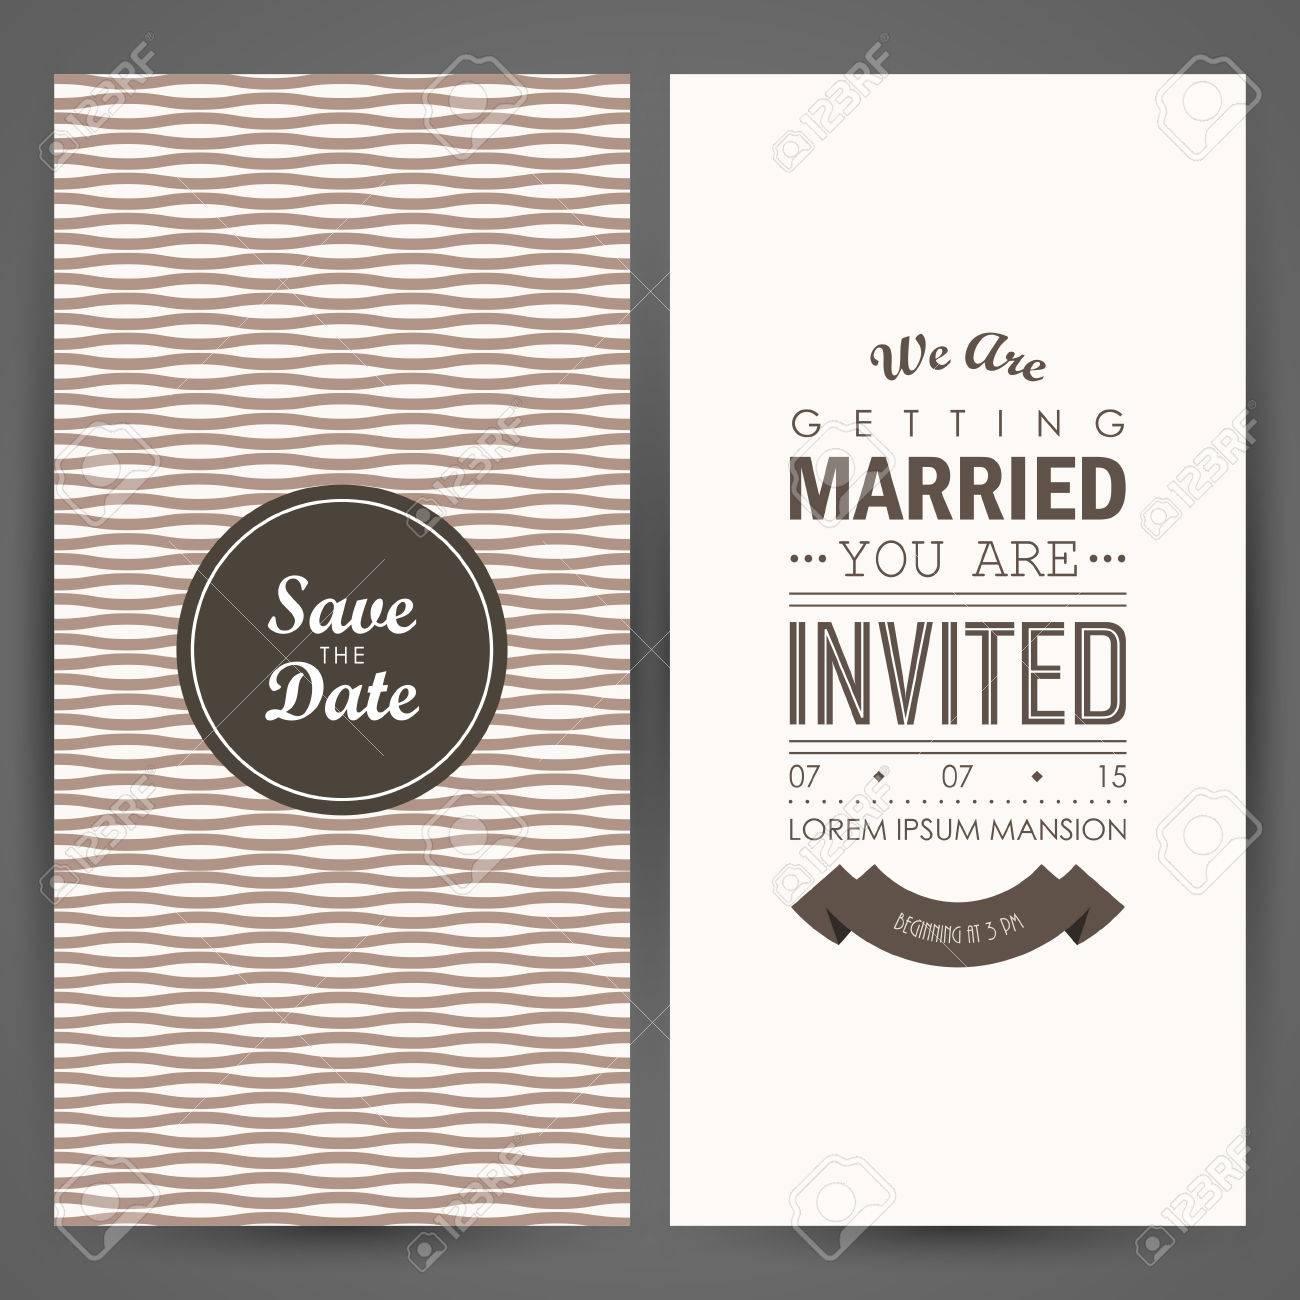 Wedding invitation vector illustration royalty free cliparts wedding invitation vector illustration stock vector 44292309 stopboris Gallery